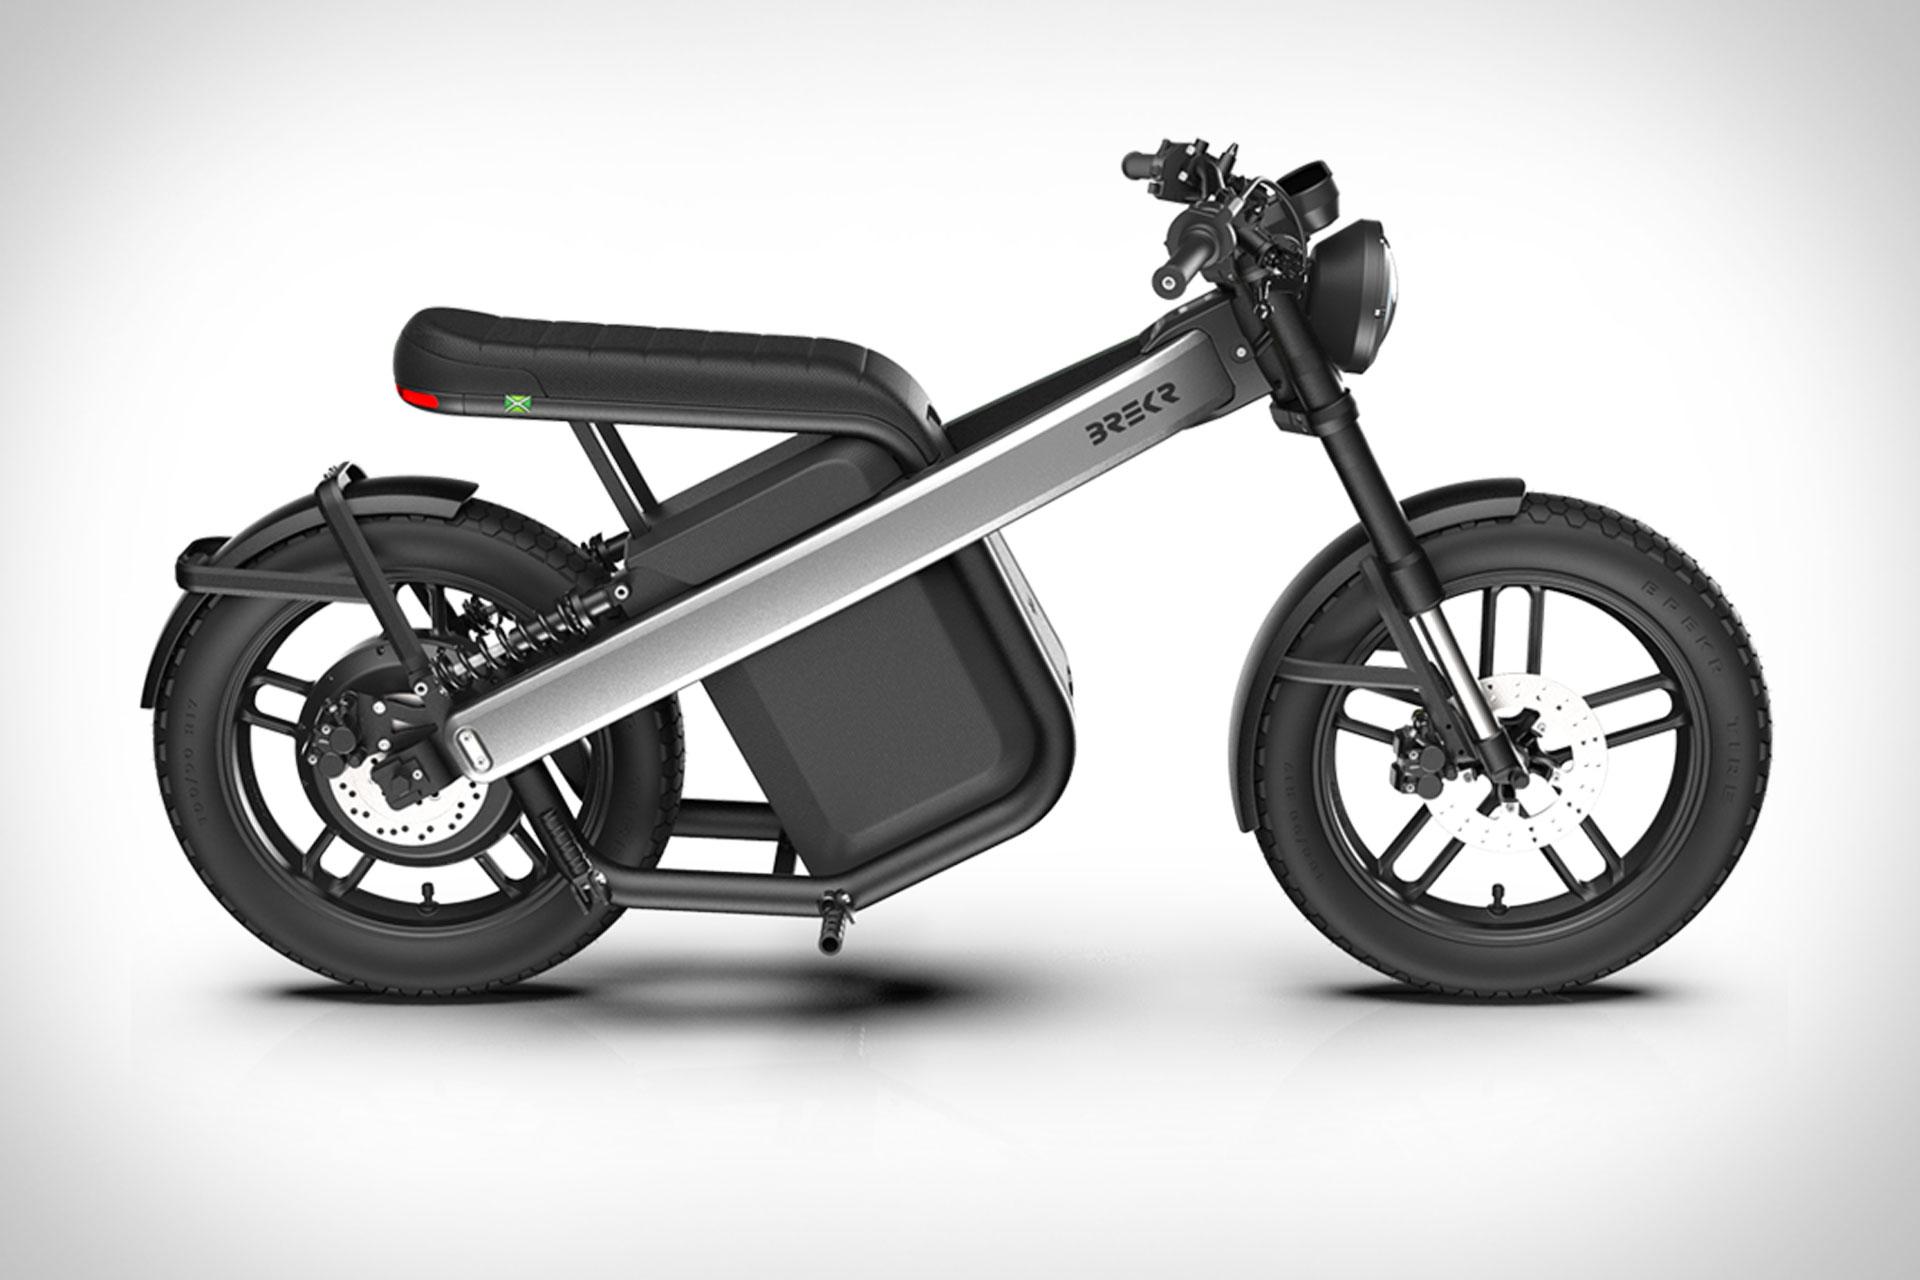 Brekr Model B Motorcycle